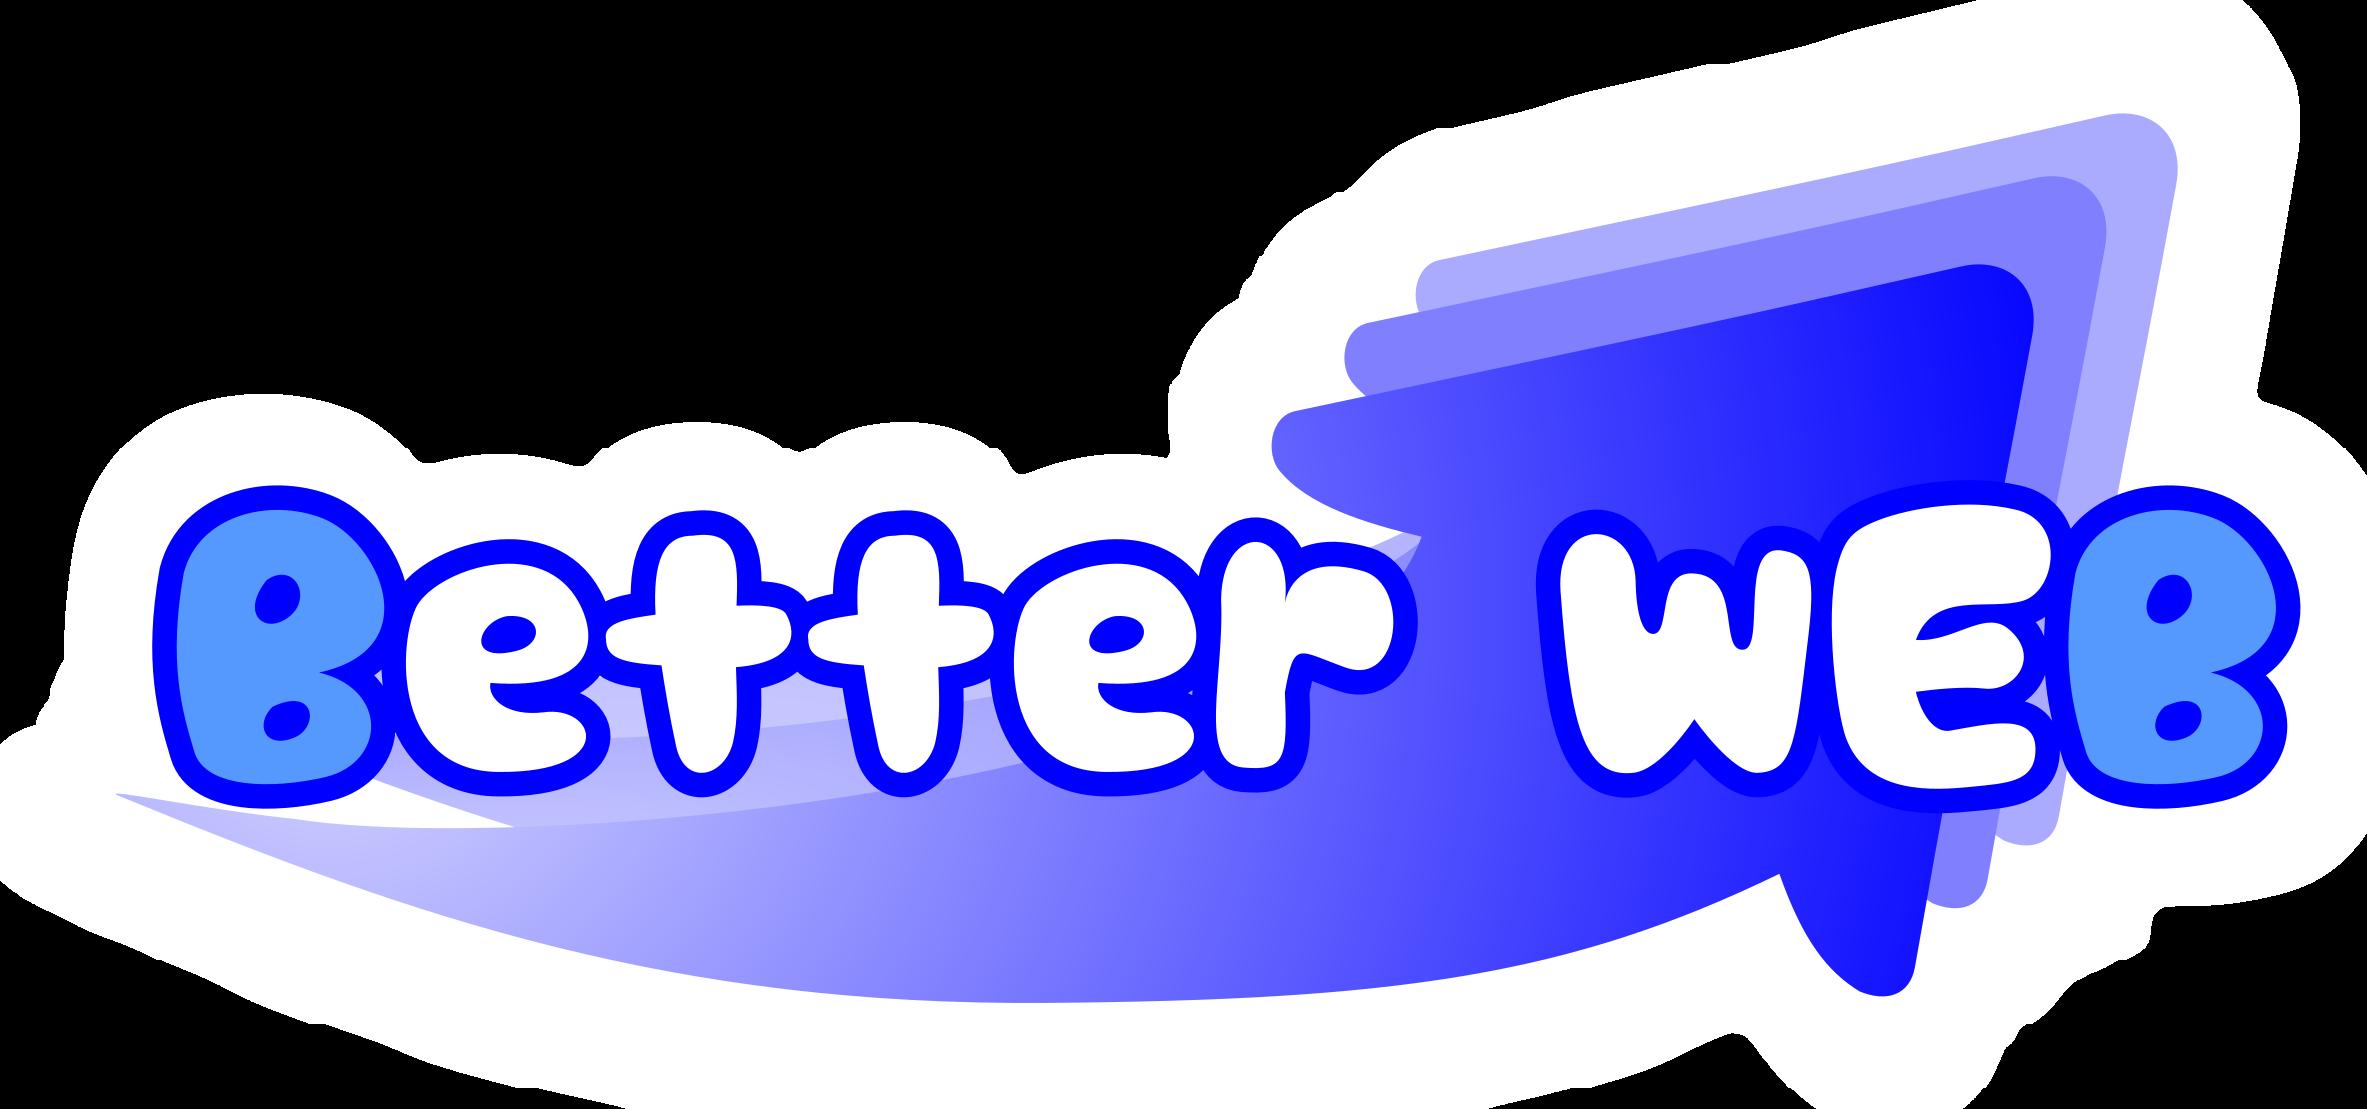 株式会社Better WEB(ベターウェブ) | 福井県大野市 ホームページ制作